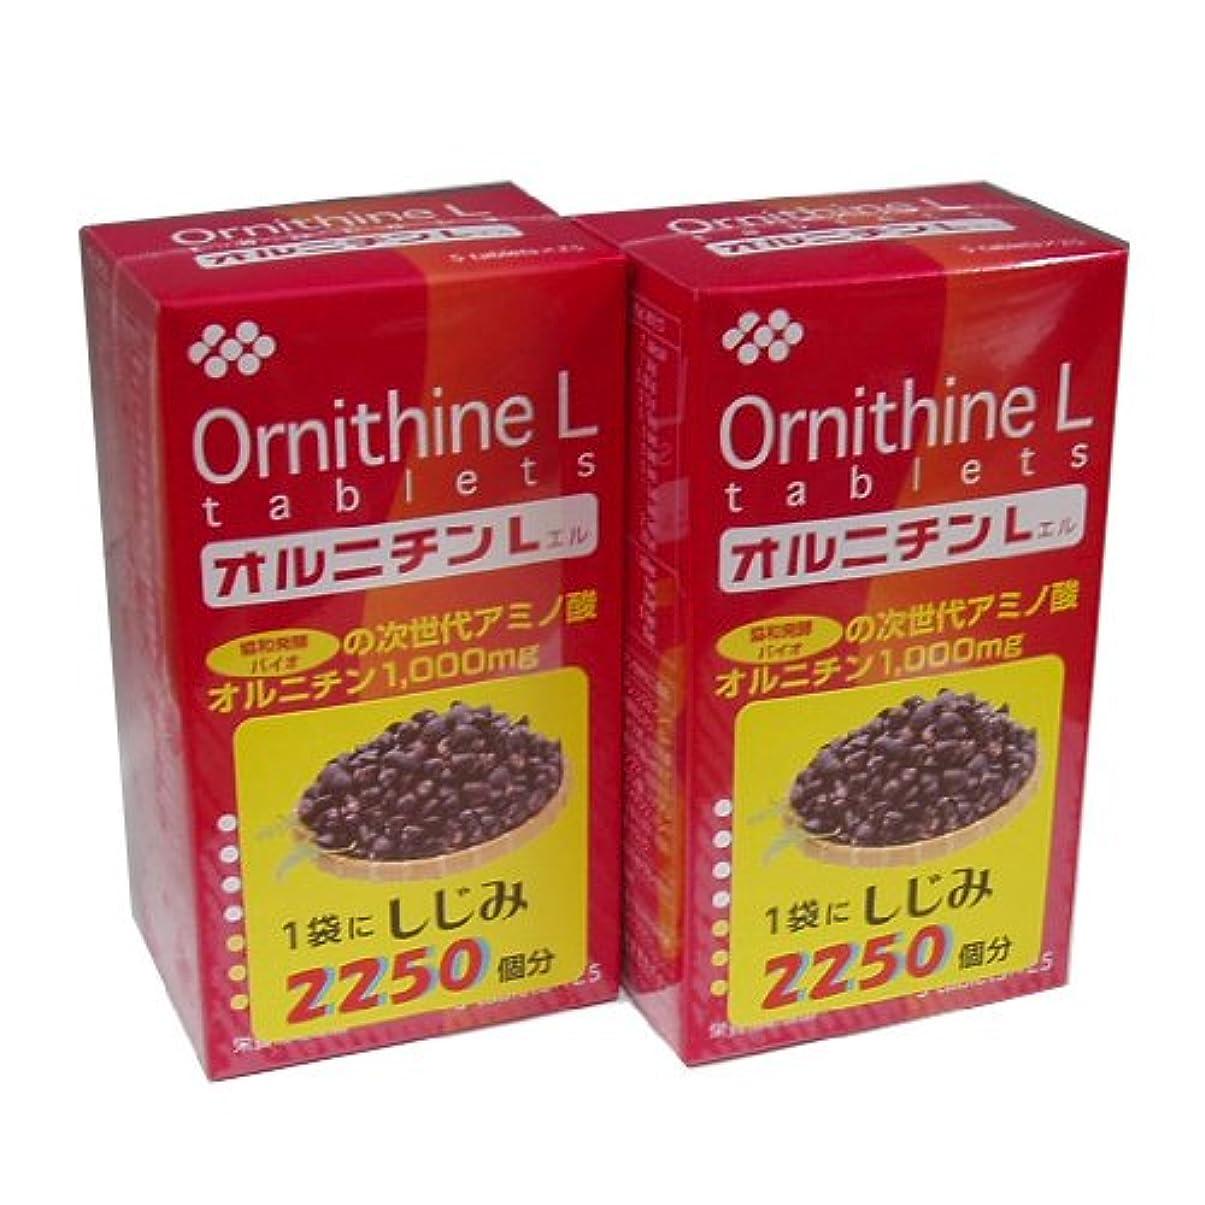 コミュニケーション暴君劣る伸和製薬オルニチンL (5粒×25袋)×2個セット